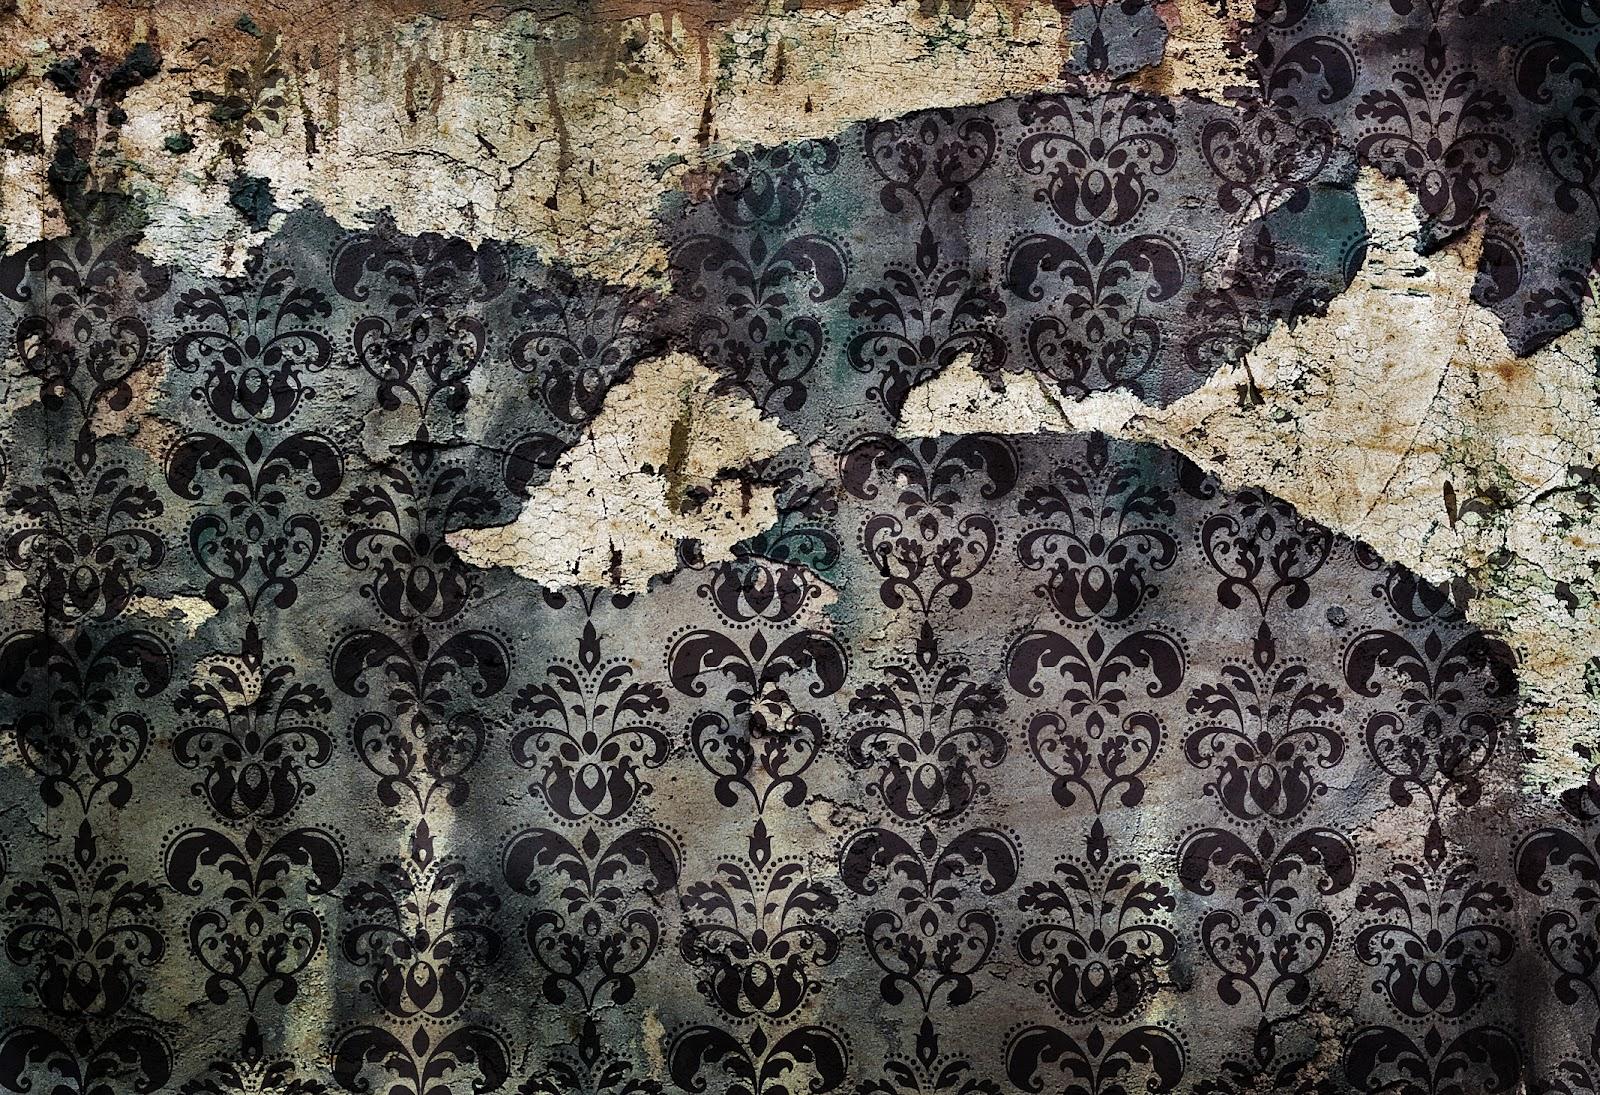 ... vintage desktop wallpapers vintage wallpapers vintage wallpaper: hddesktopwallpaperblog.blogspot.com/2012/06/vintage-wallpapers.html